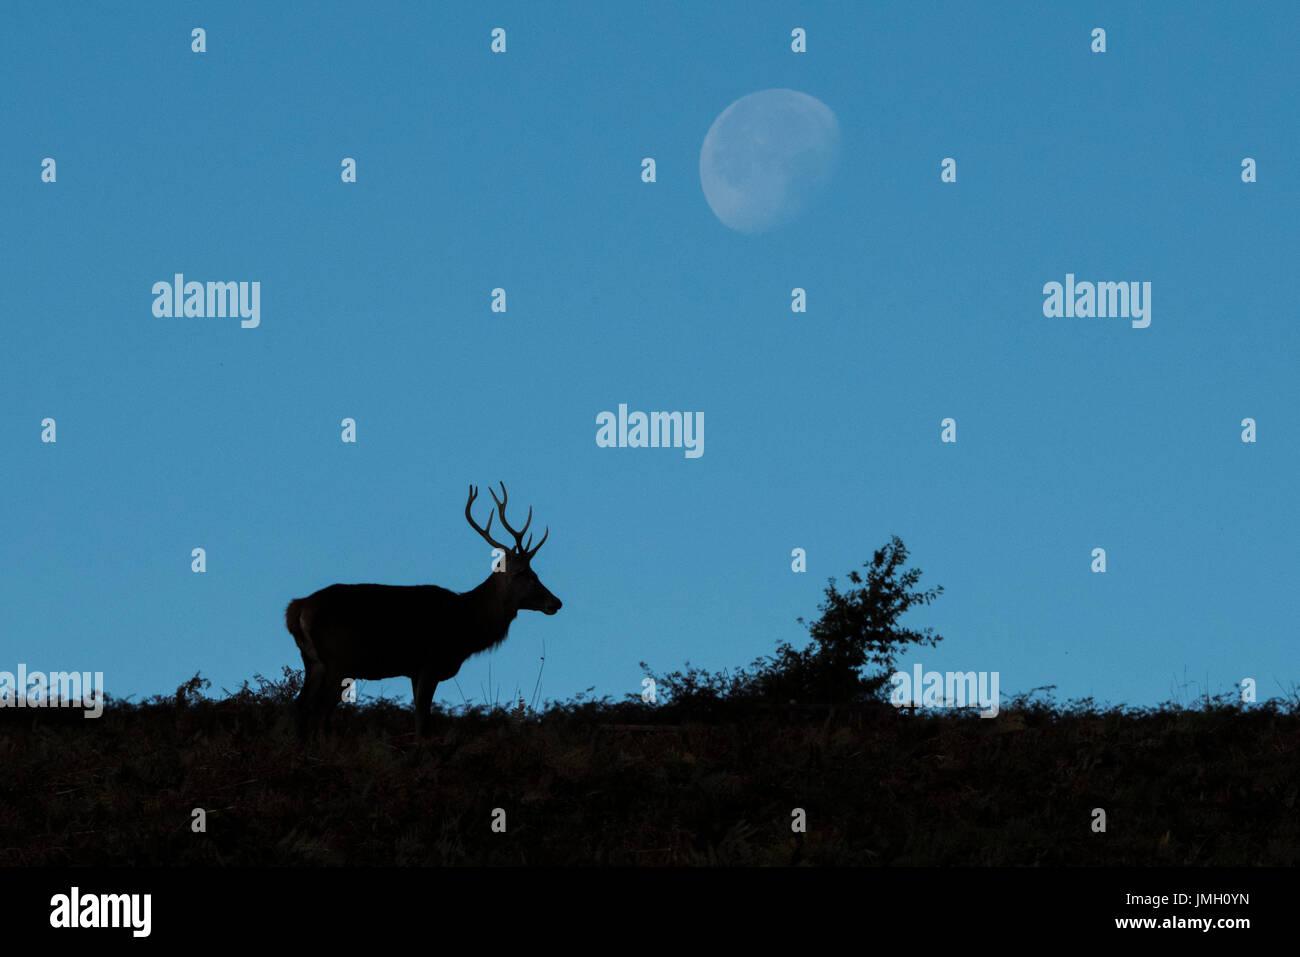 El ciervo el ciervo durante la temporada de celo Foto de stock